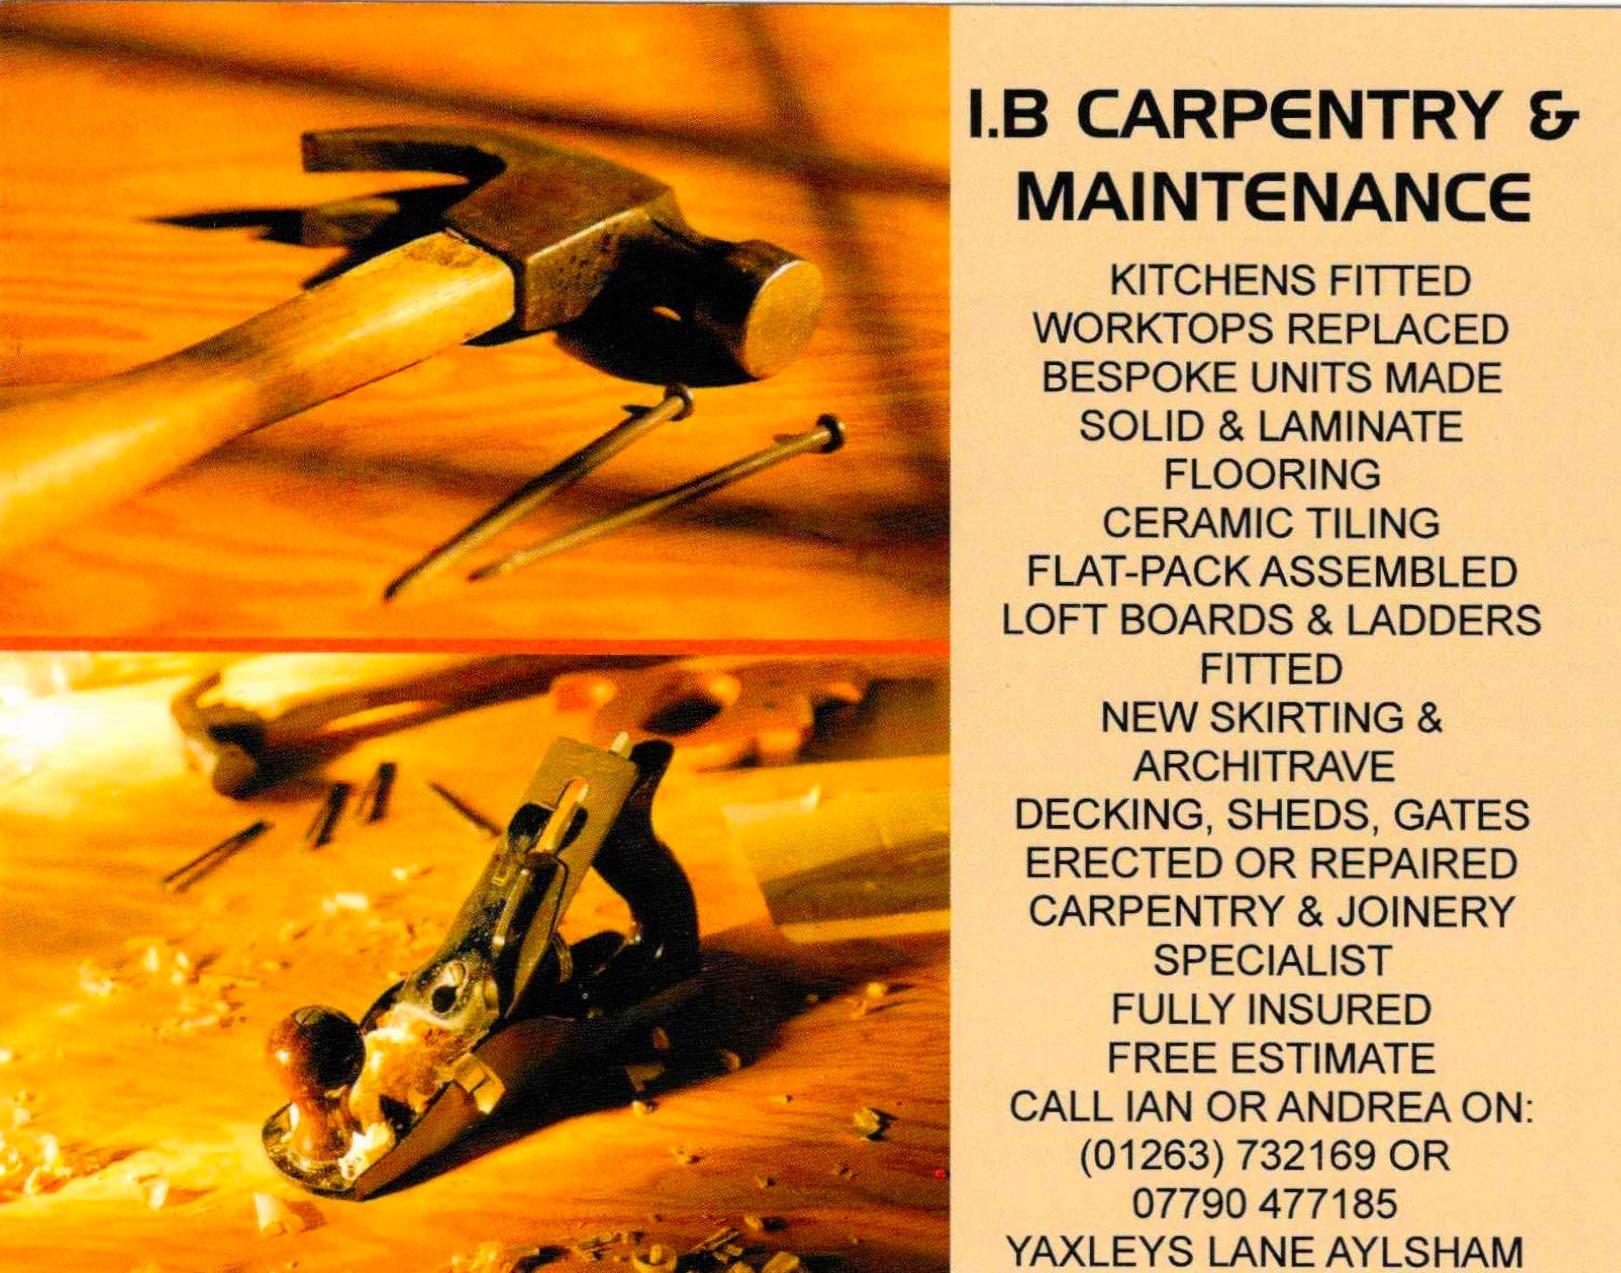 IB Carp